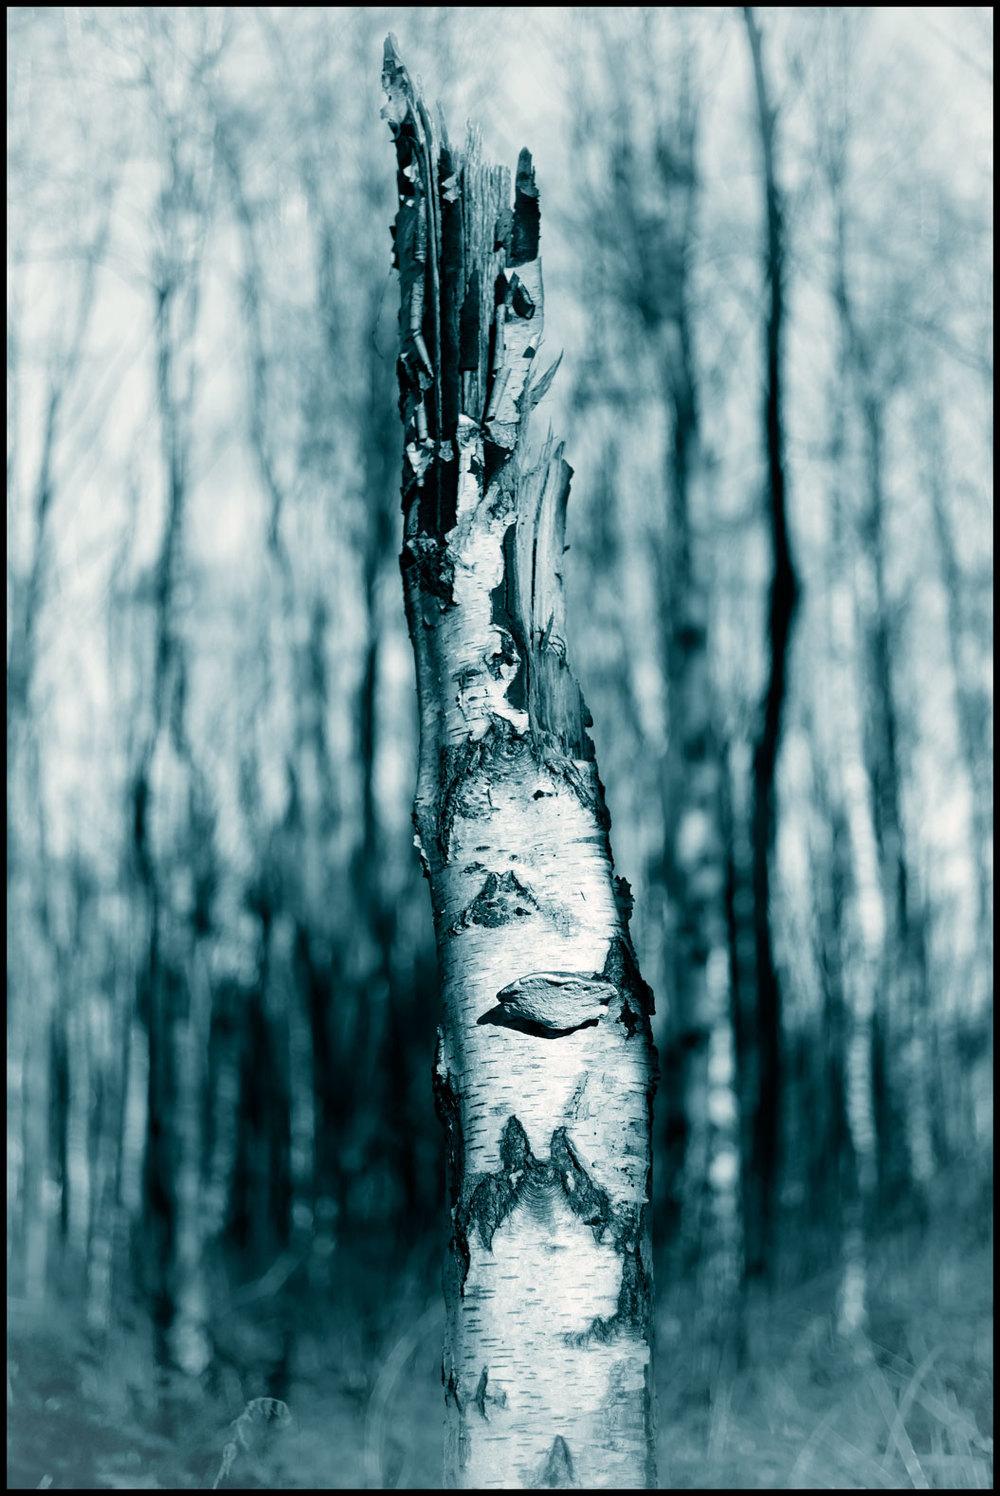 Weather damaged silver birch.